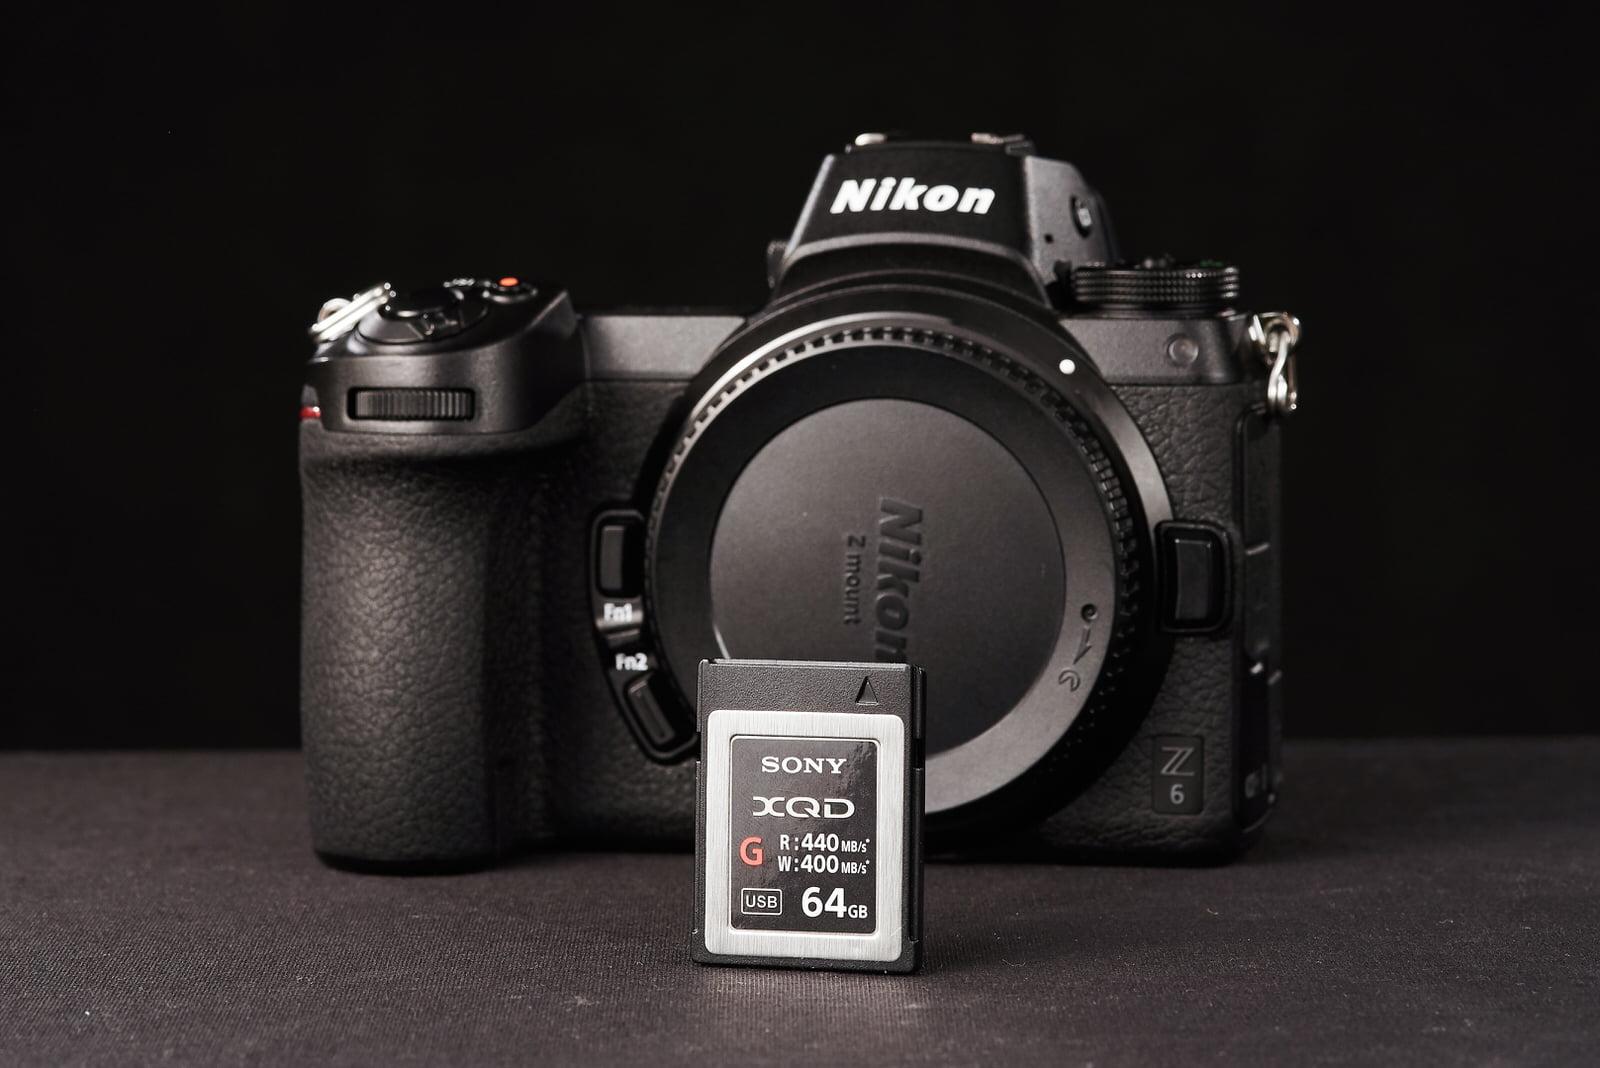 Recenzja Nikon Z6 w fotografii ślubnej | Porównanie do Nikona D750 9